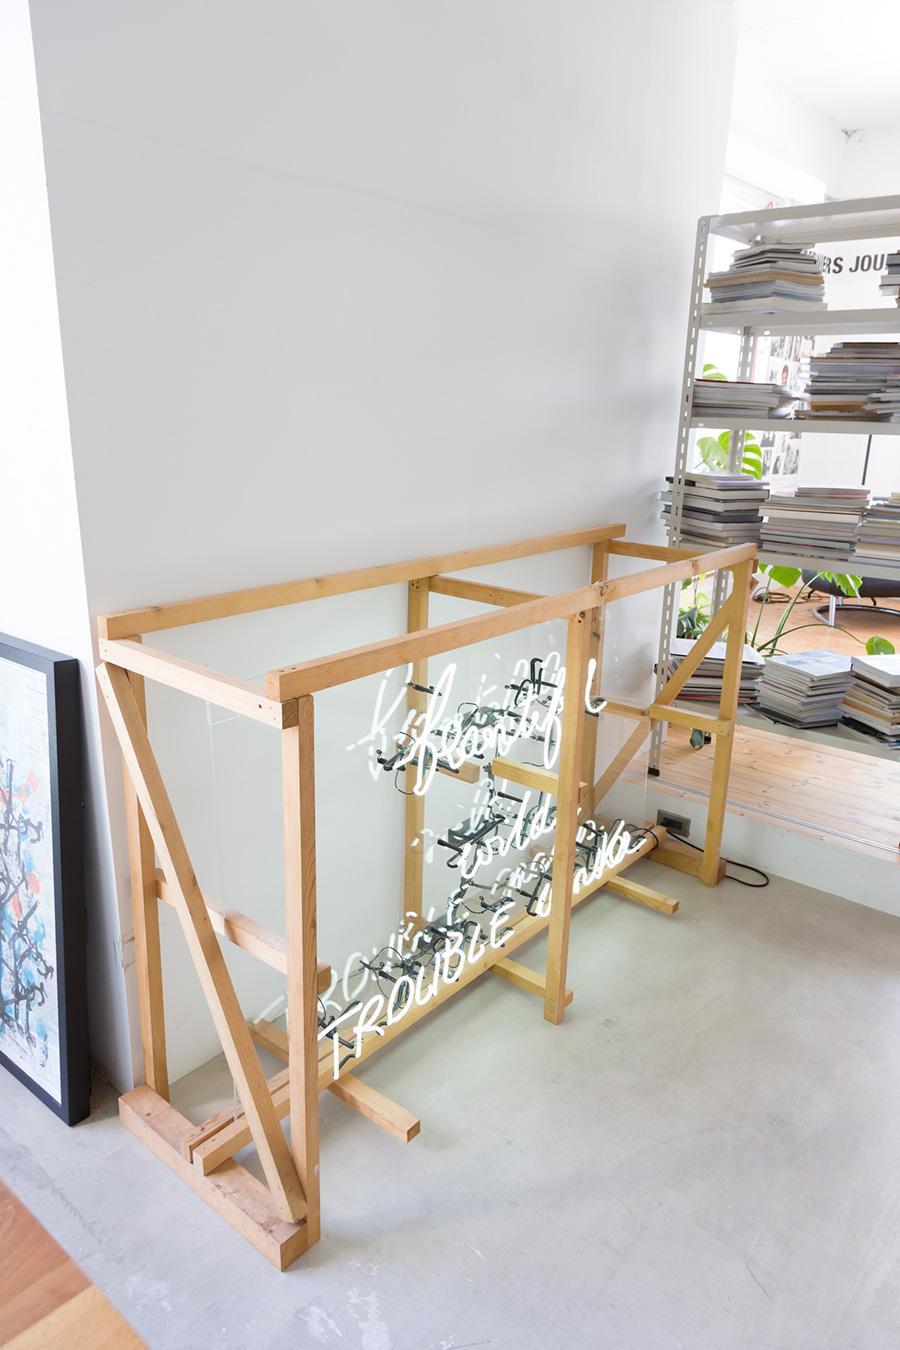 イベントで使ったネオン管。「運搬用の木枠ごと飾りました。この雰囲気のほうが気分かなと思って」